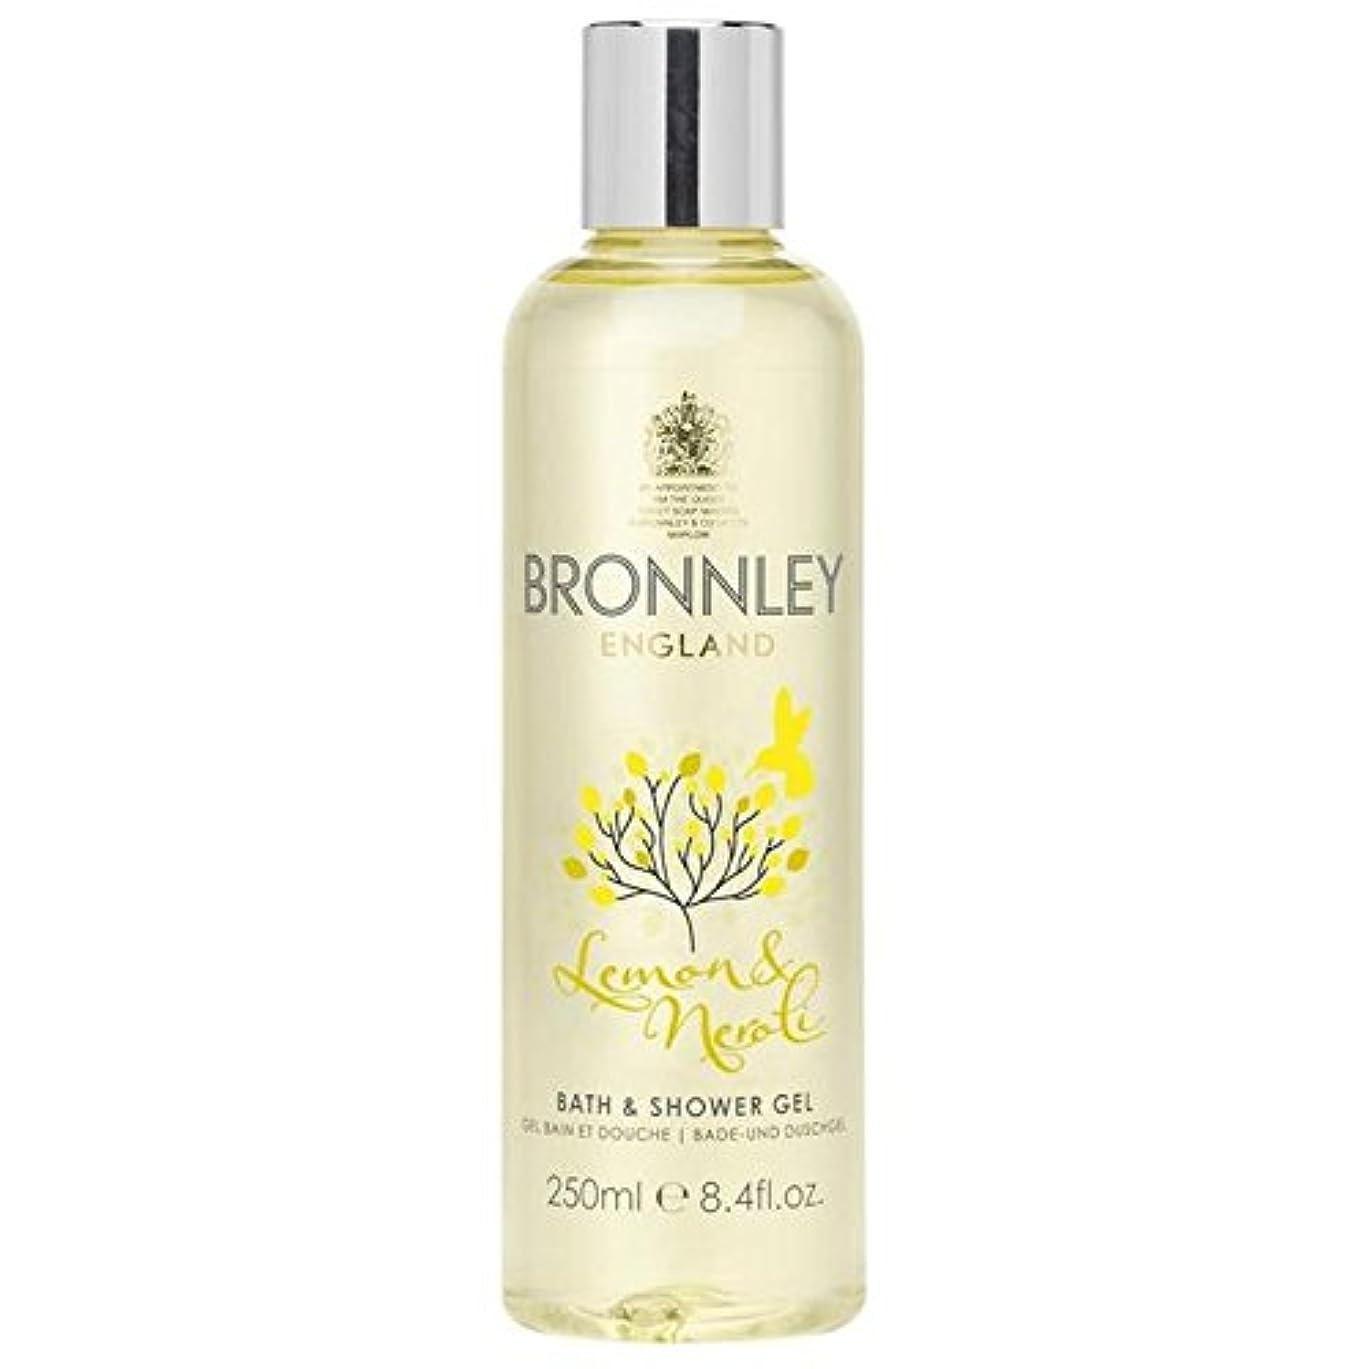 人類白い生命体Bronnley Lemon & Neroli Bath & Shower Gel 250ml - レモン&ネロリバス&シャワージェル250ミリリットル [並行輸入品]